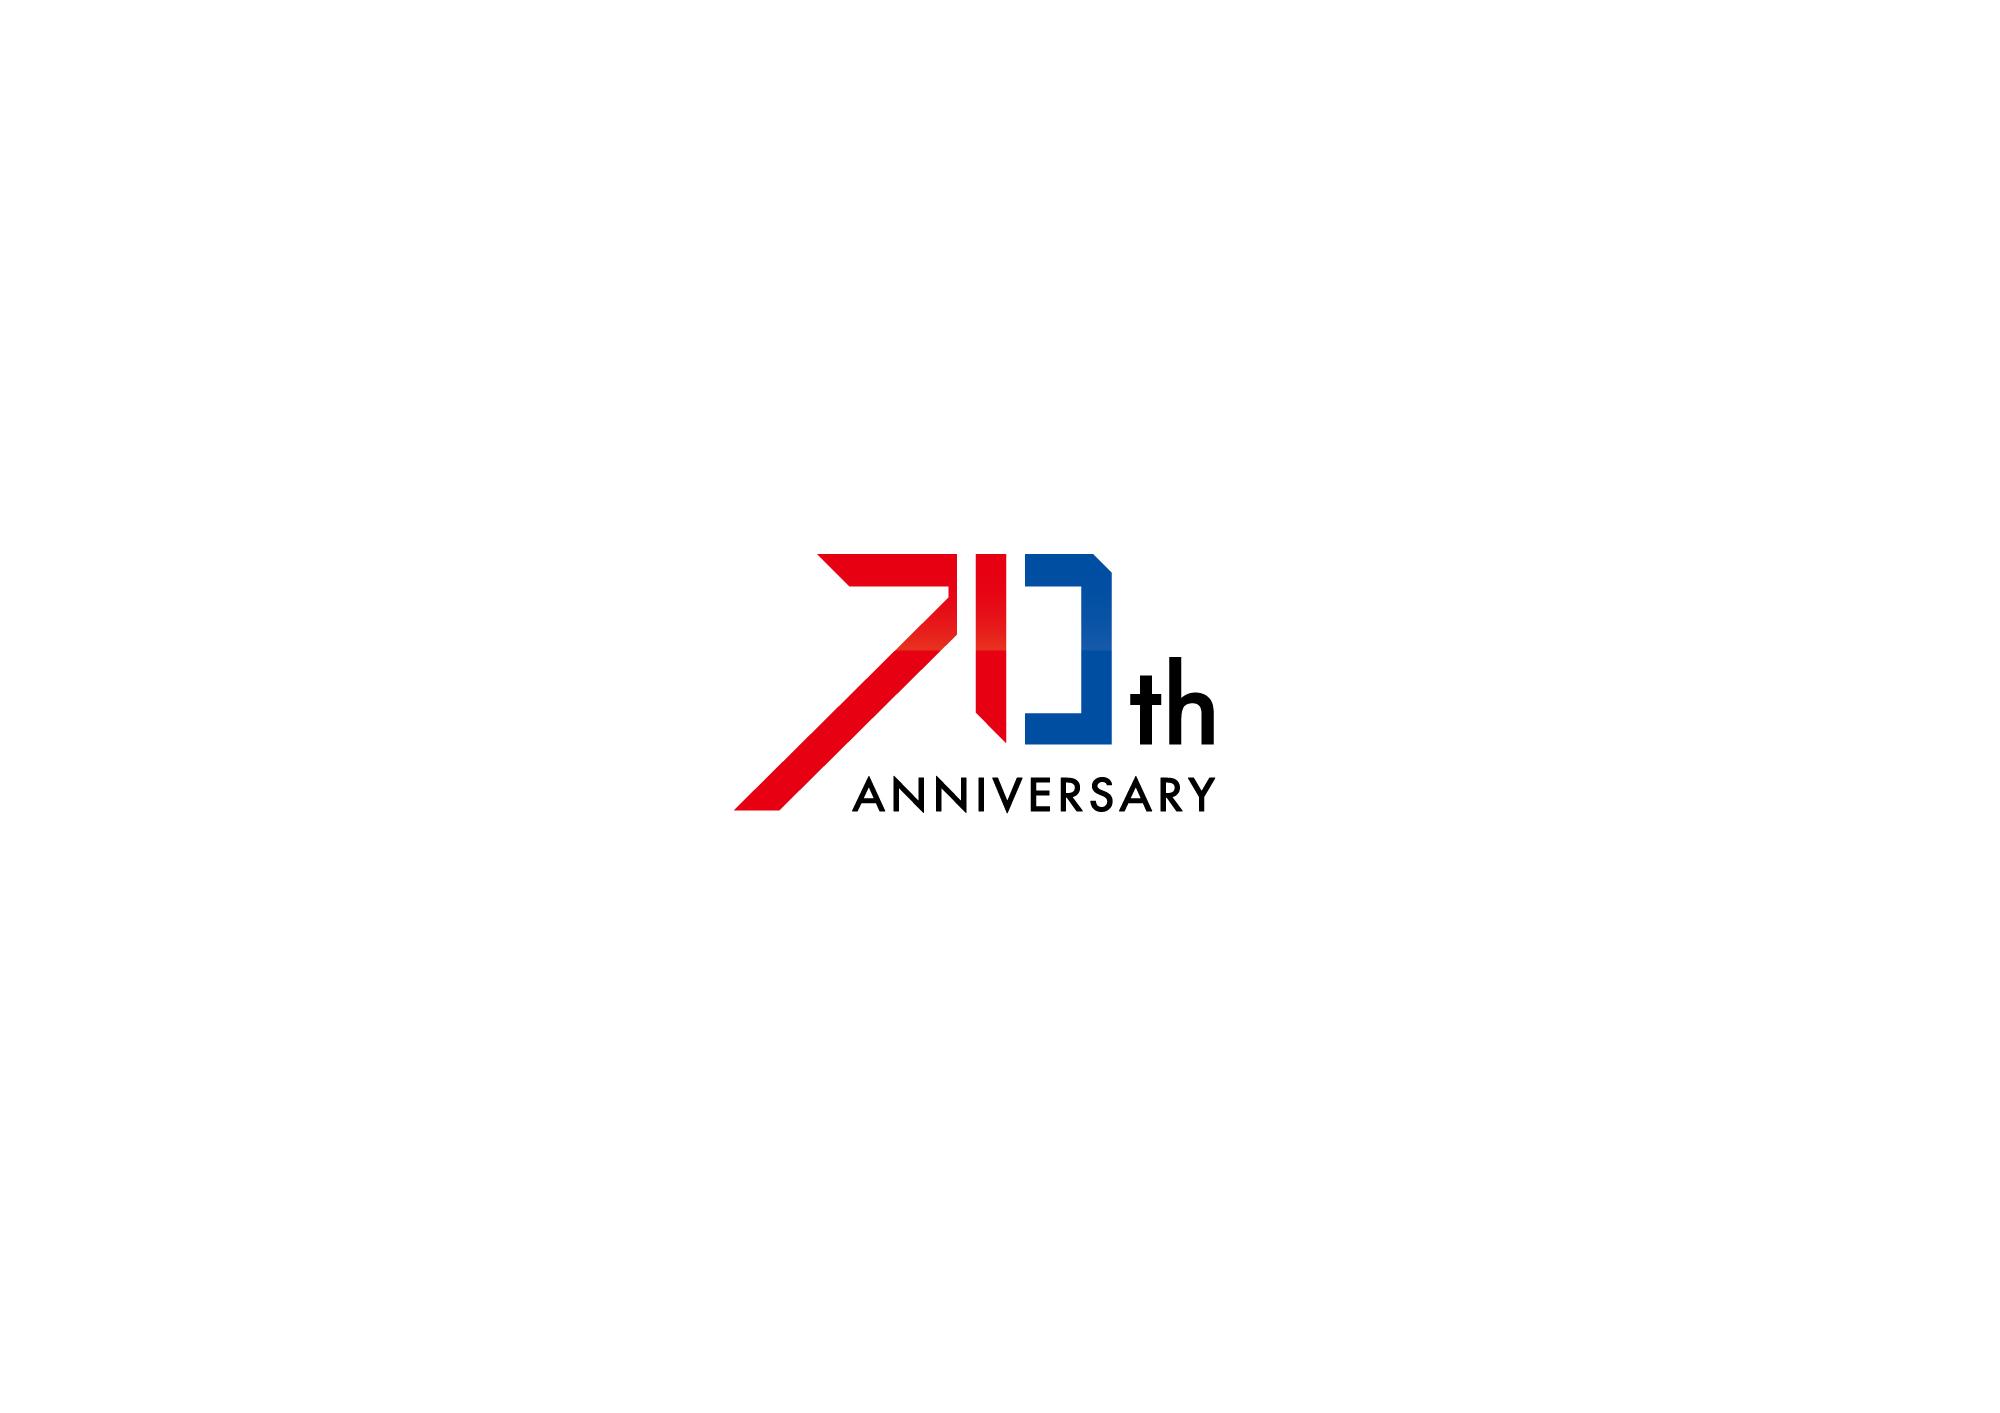 학교 법인 전자 학원 70주년 기념